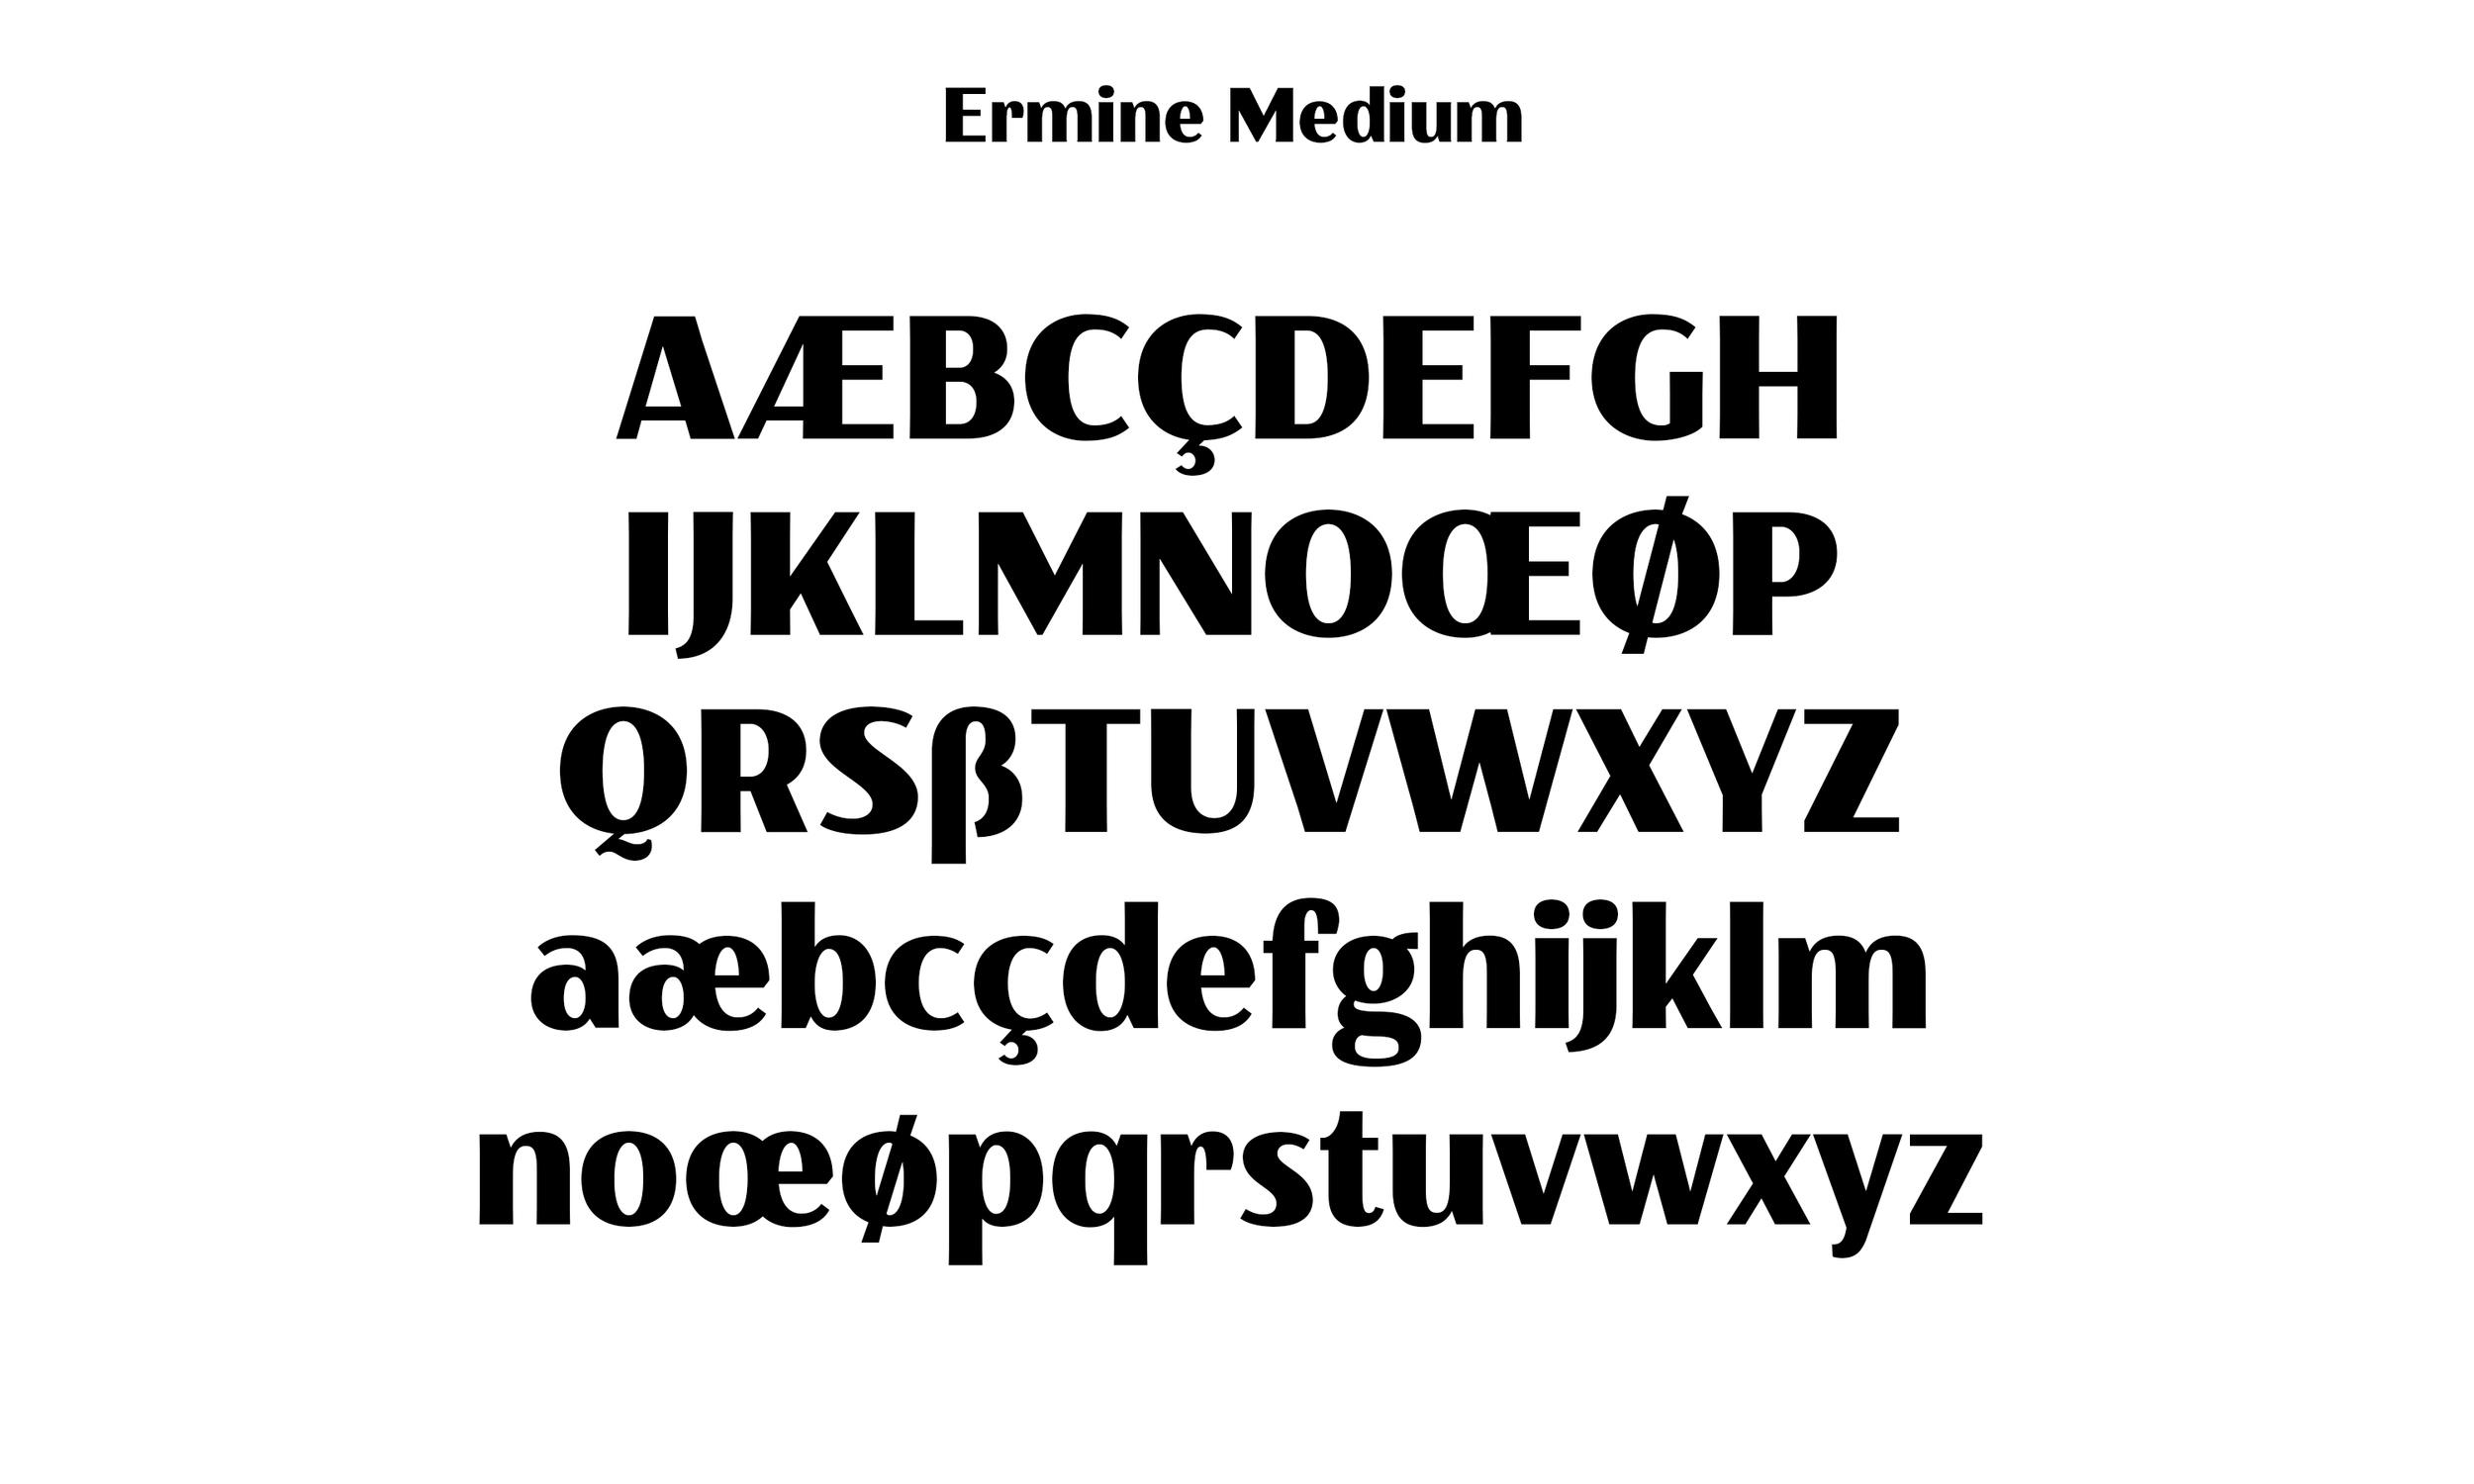 Badson_ErmineMedium_Slides5.jpg